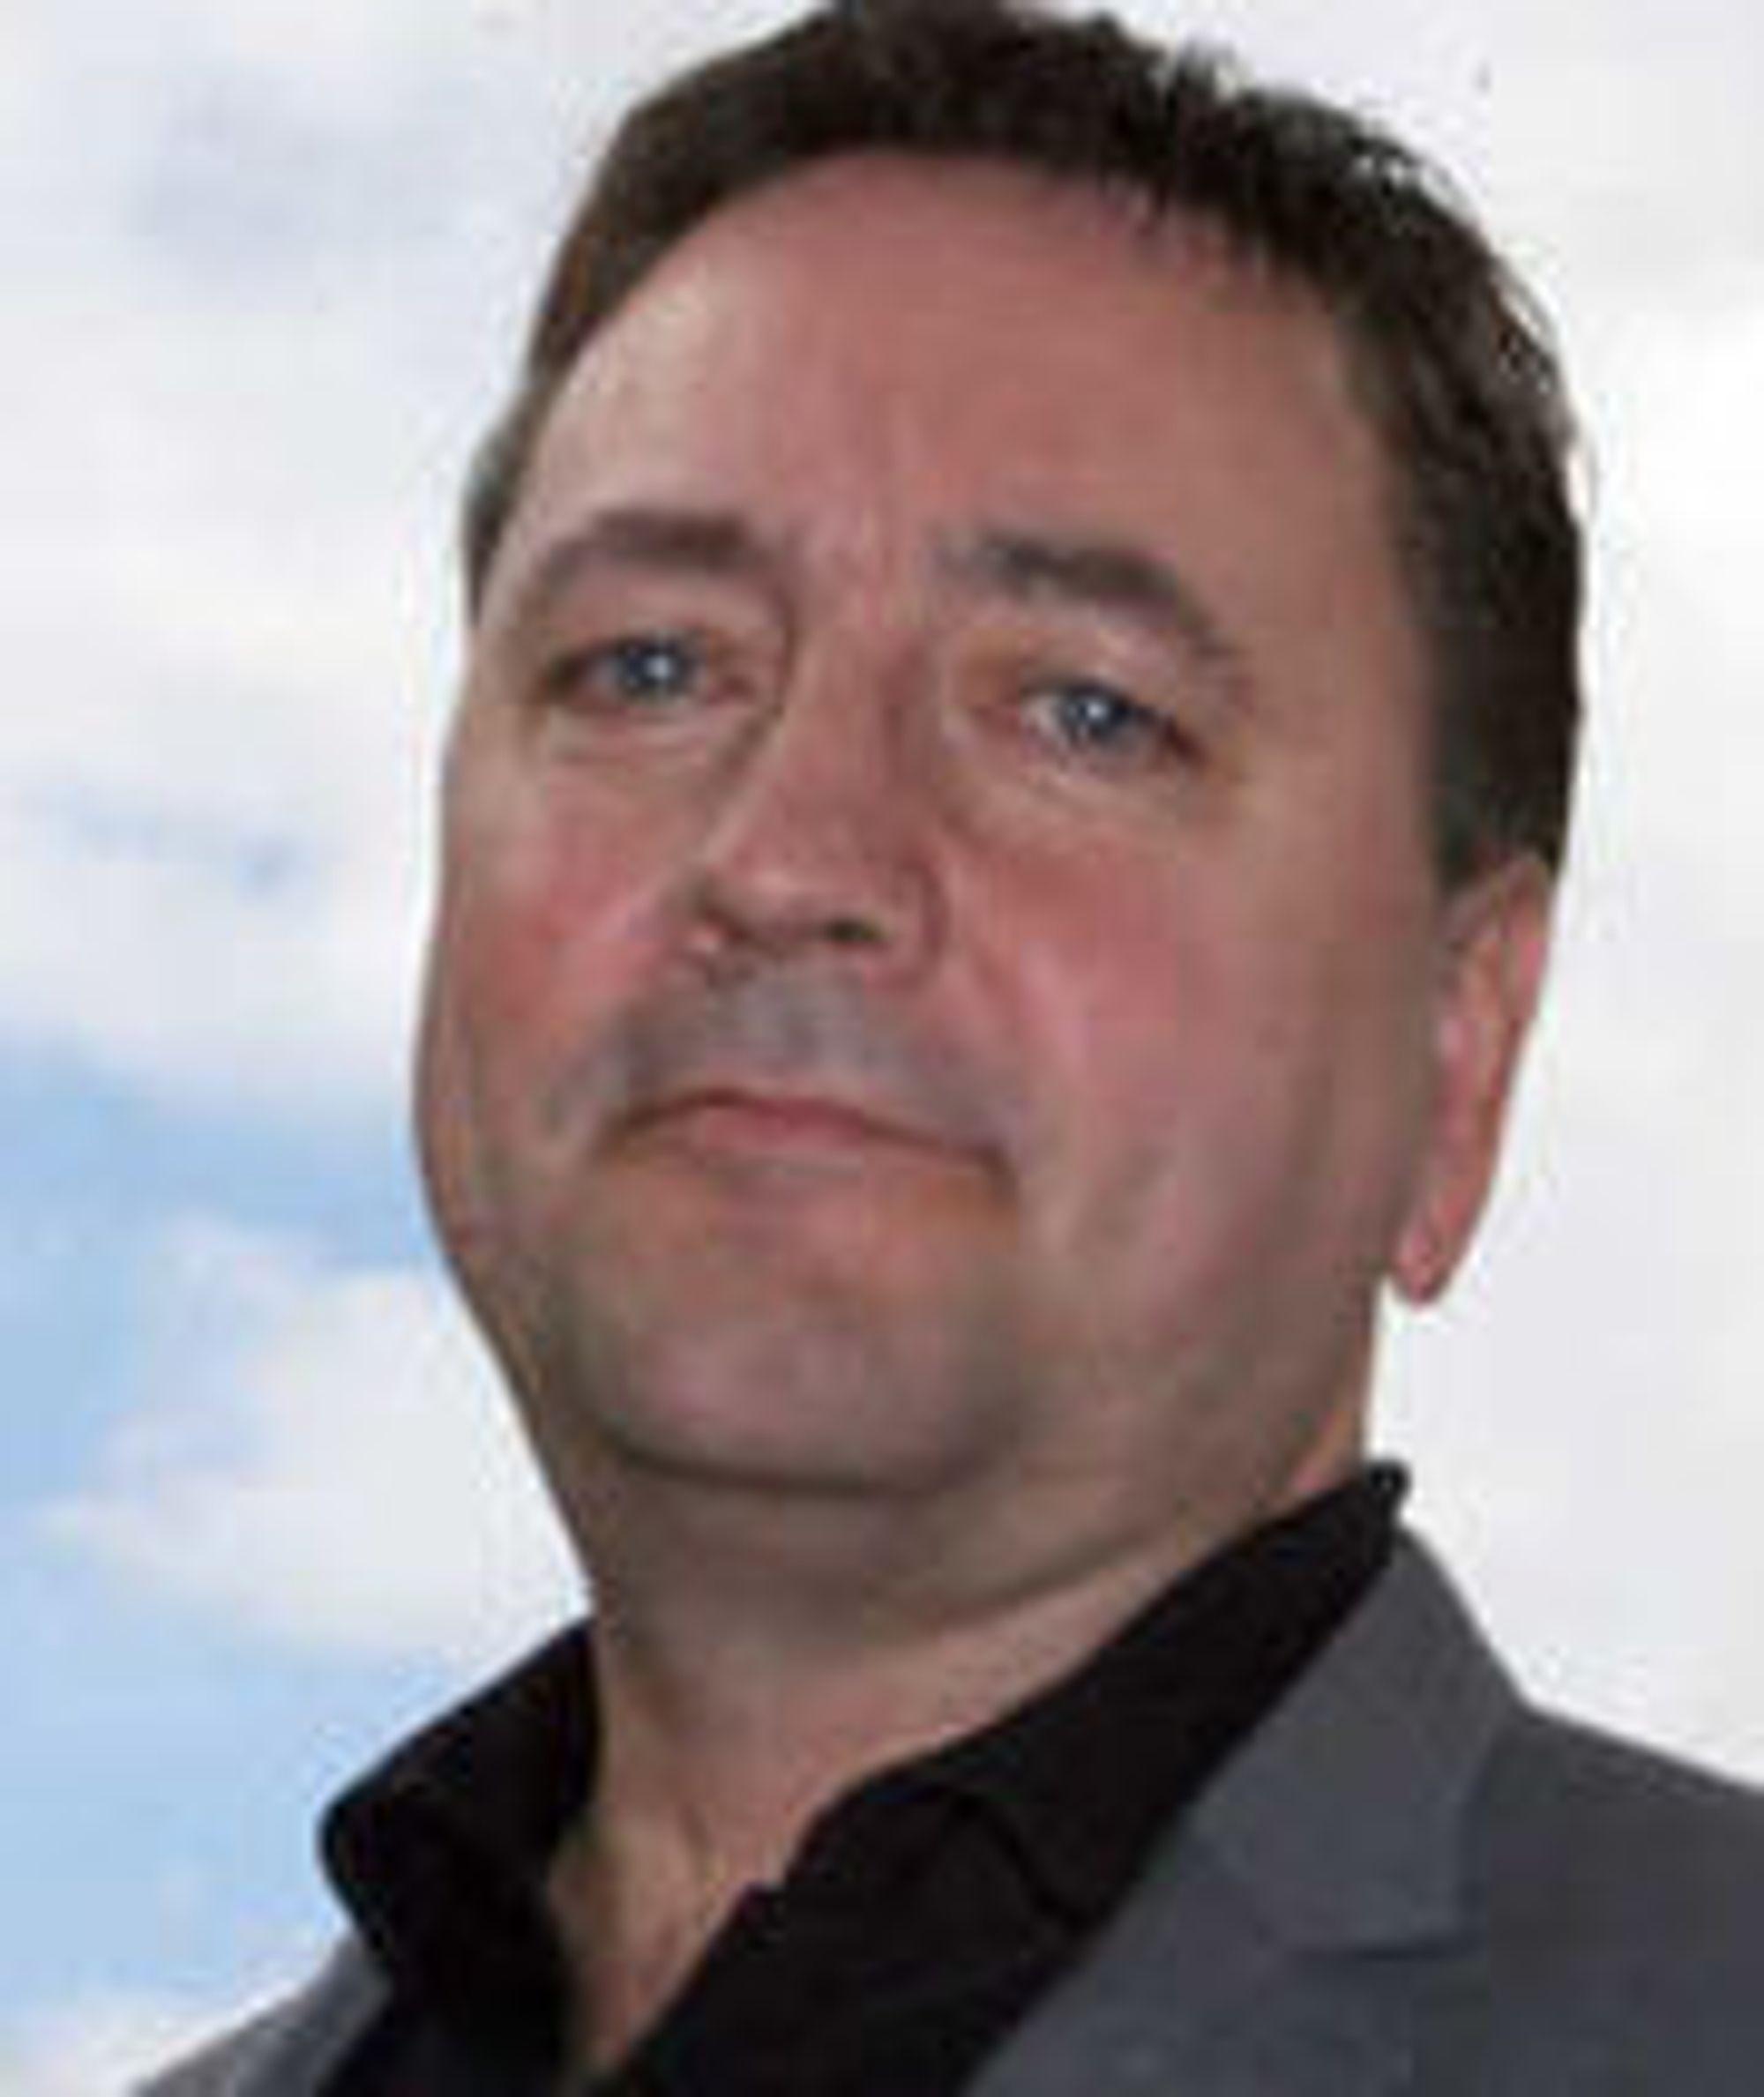 FORNØYD: IT-sjef Per Jacobsen i Narvik kommune ble en av de første i norsk offentlig sektor til å ta i bruk nettskyen.